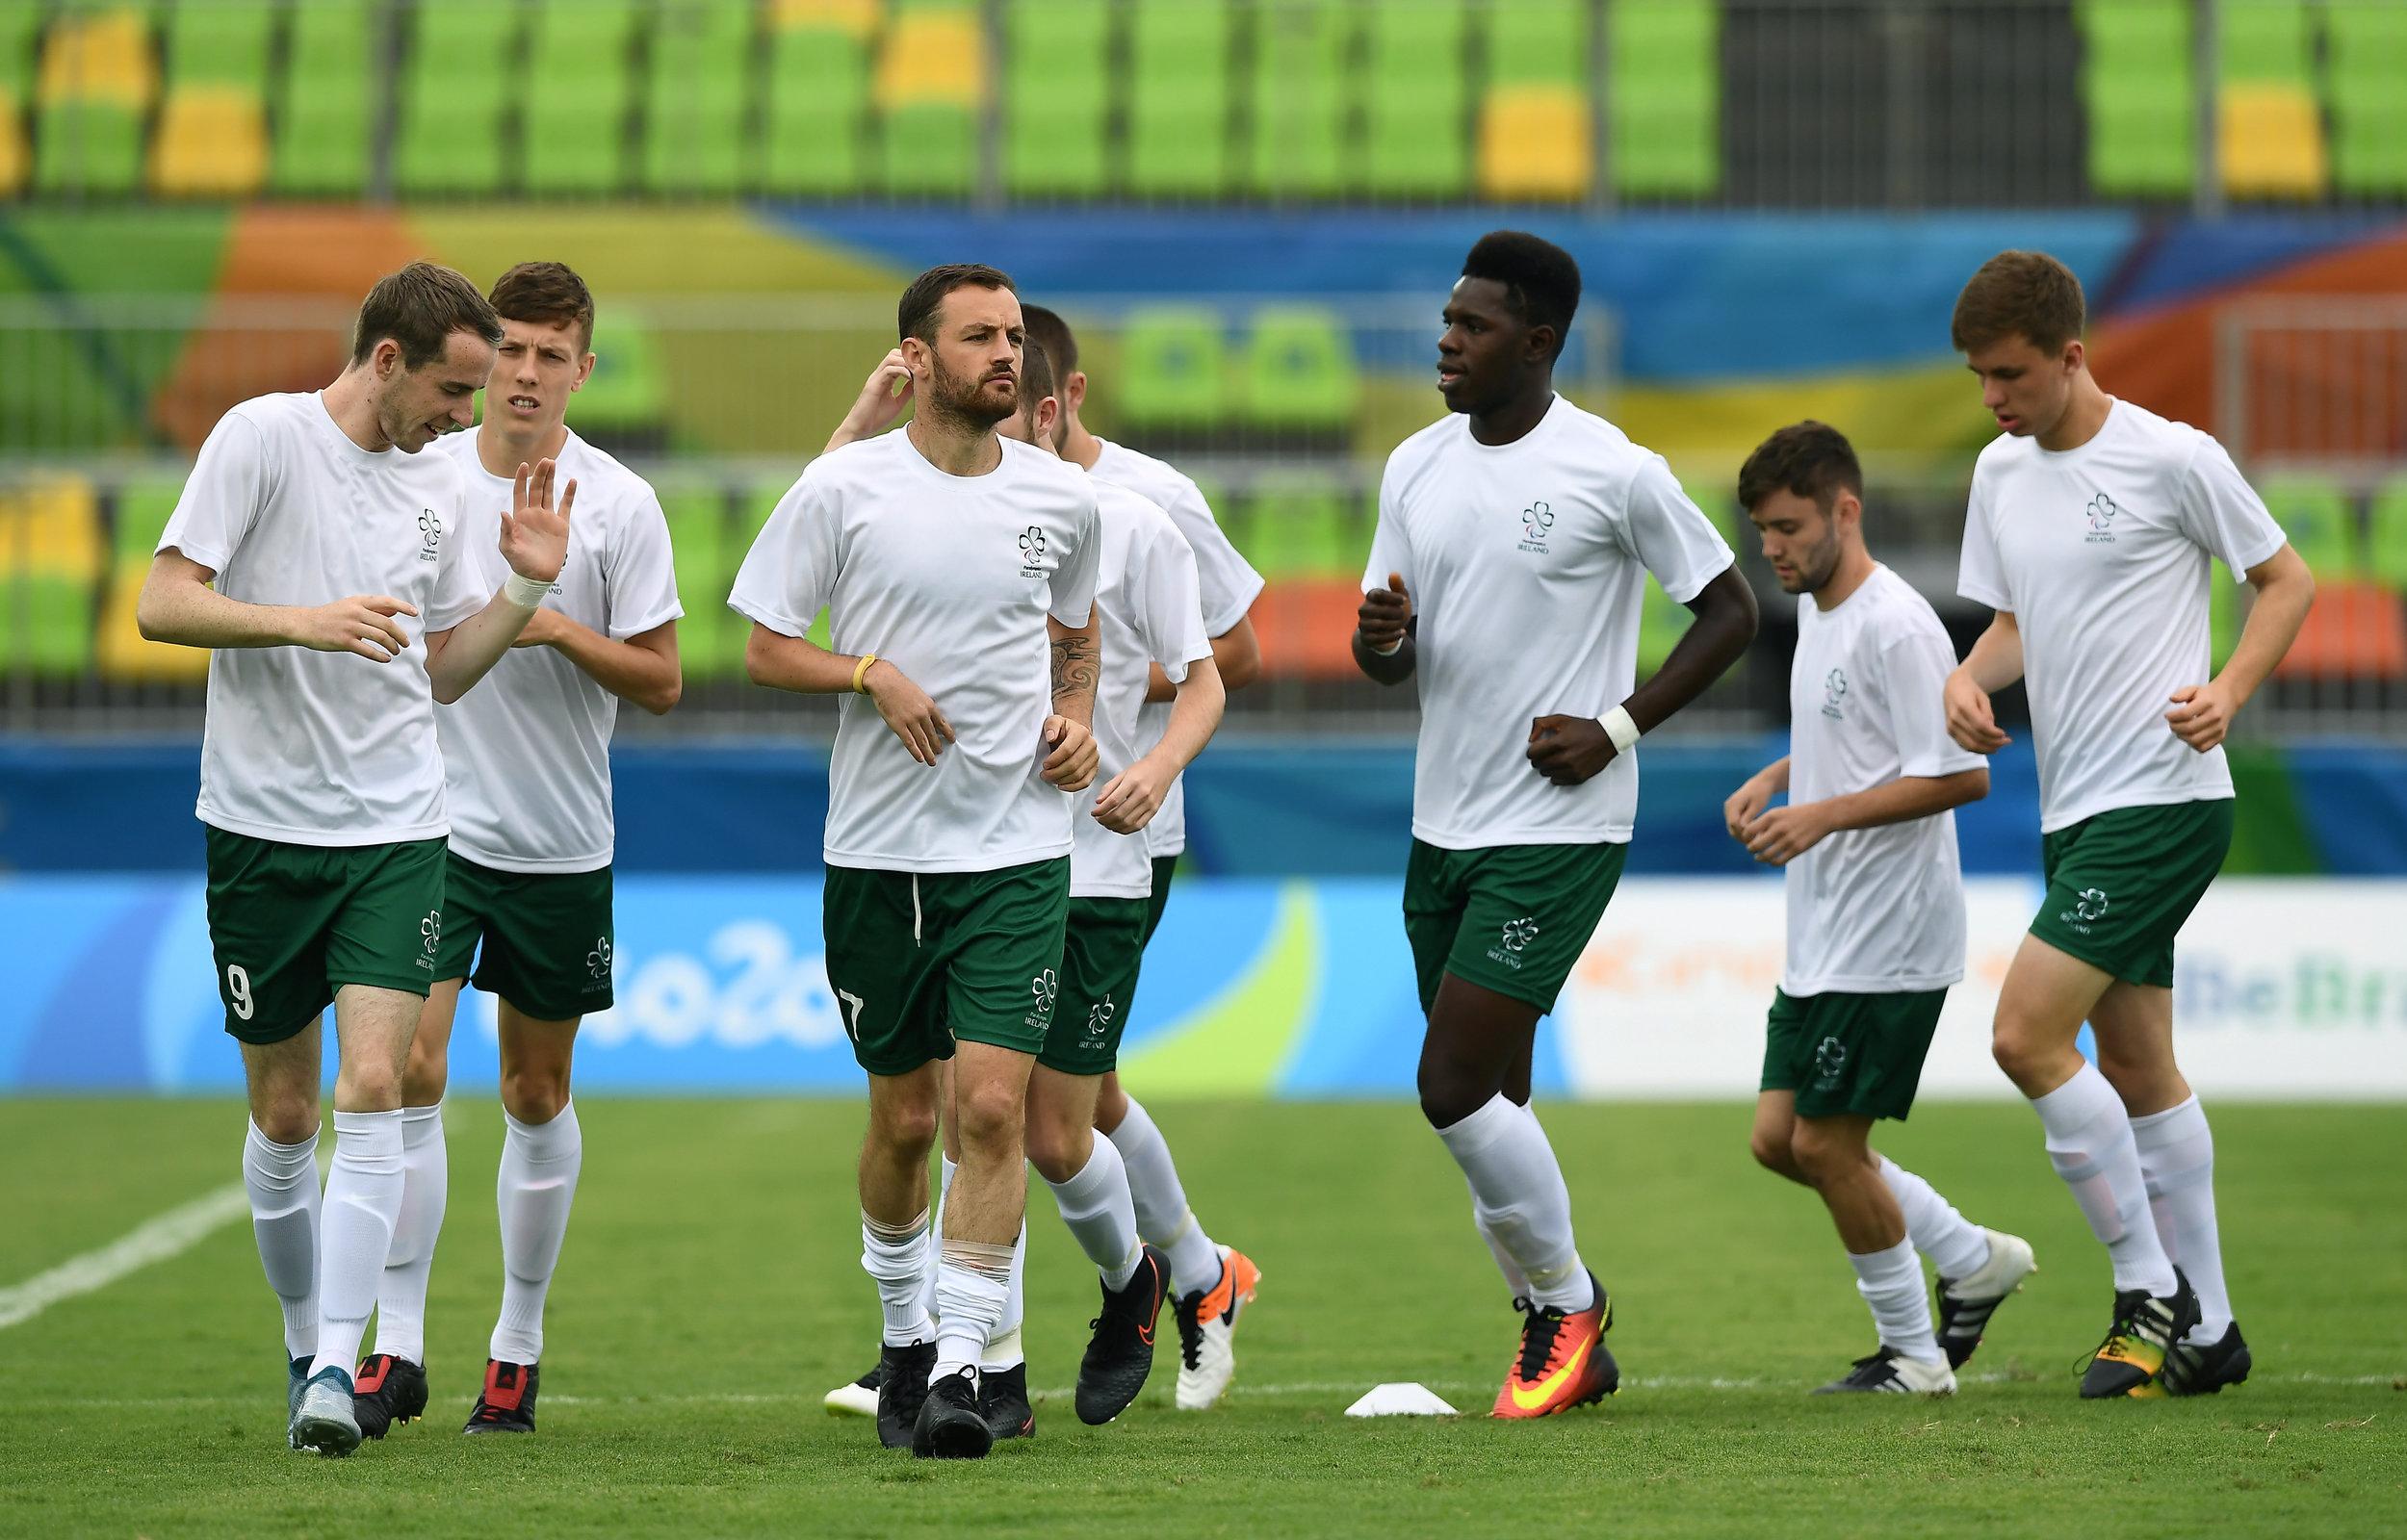 Football: Irish Team warm up ahead of Match against Ukraine